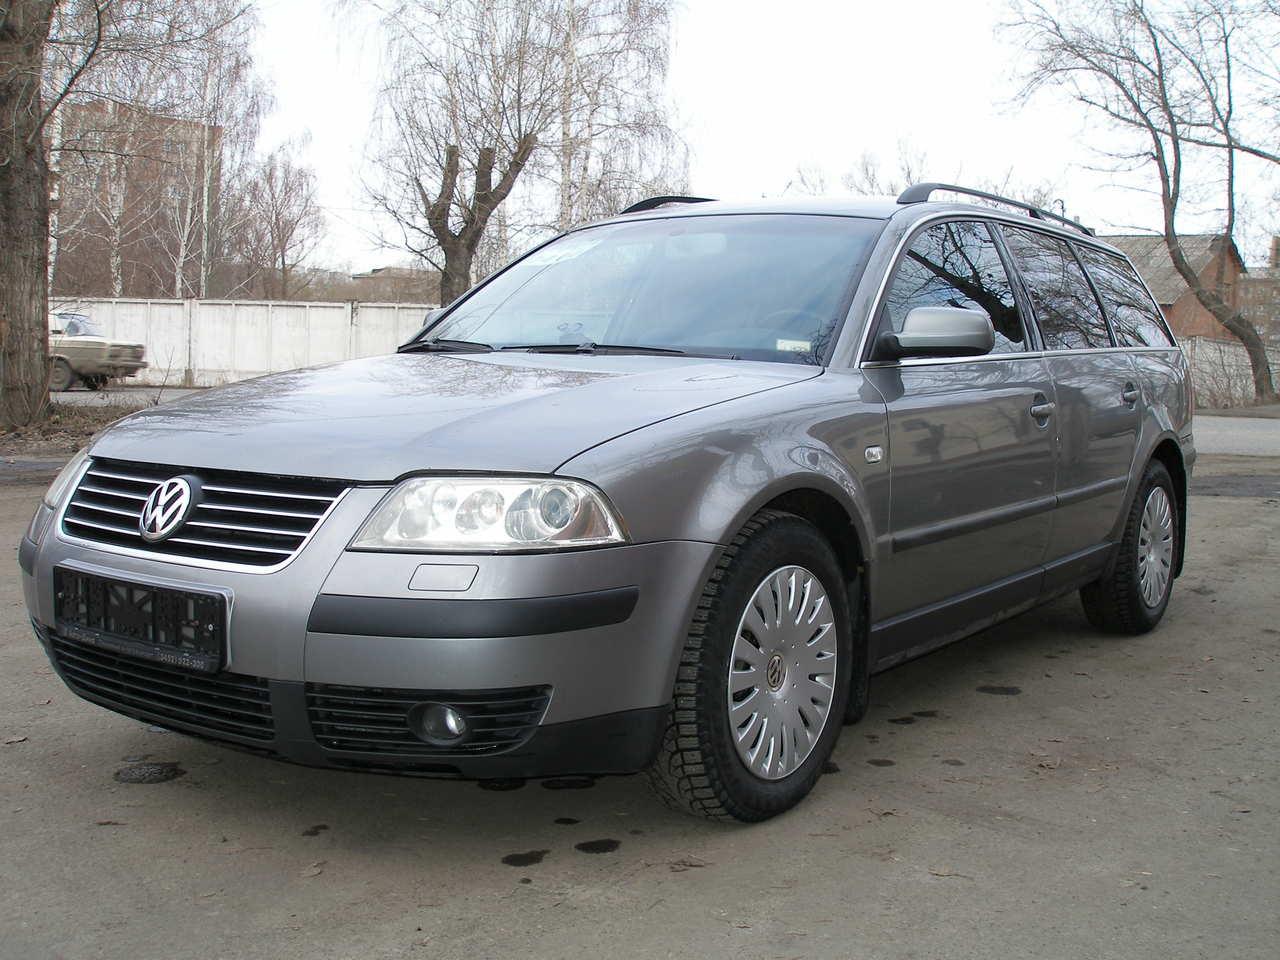 ... Volkswagen Passat For Sale, 1900cc., Diesel, FF, Automatic For Sale